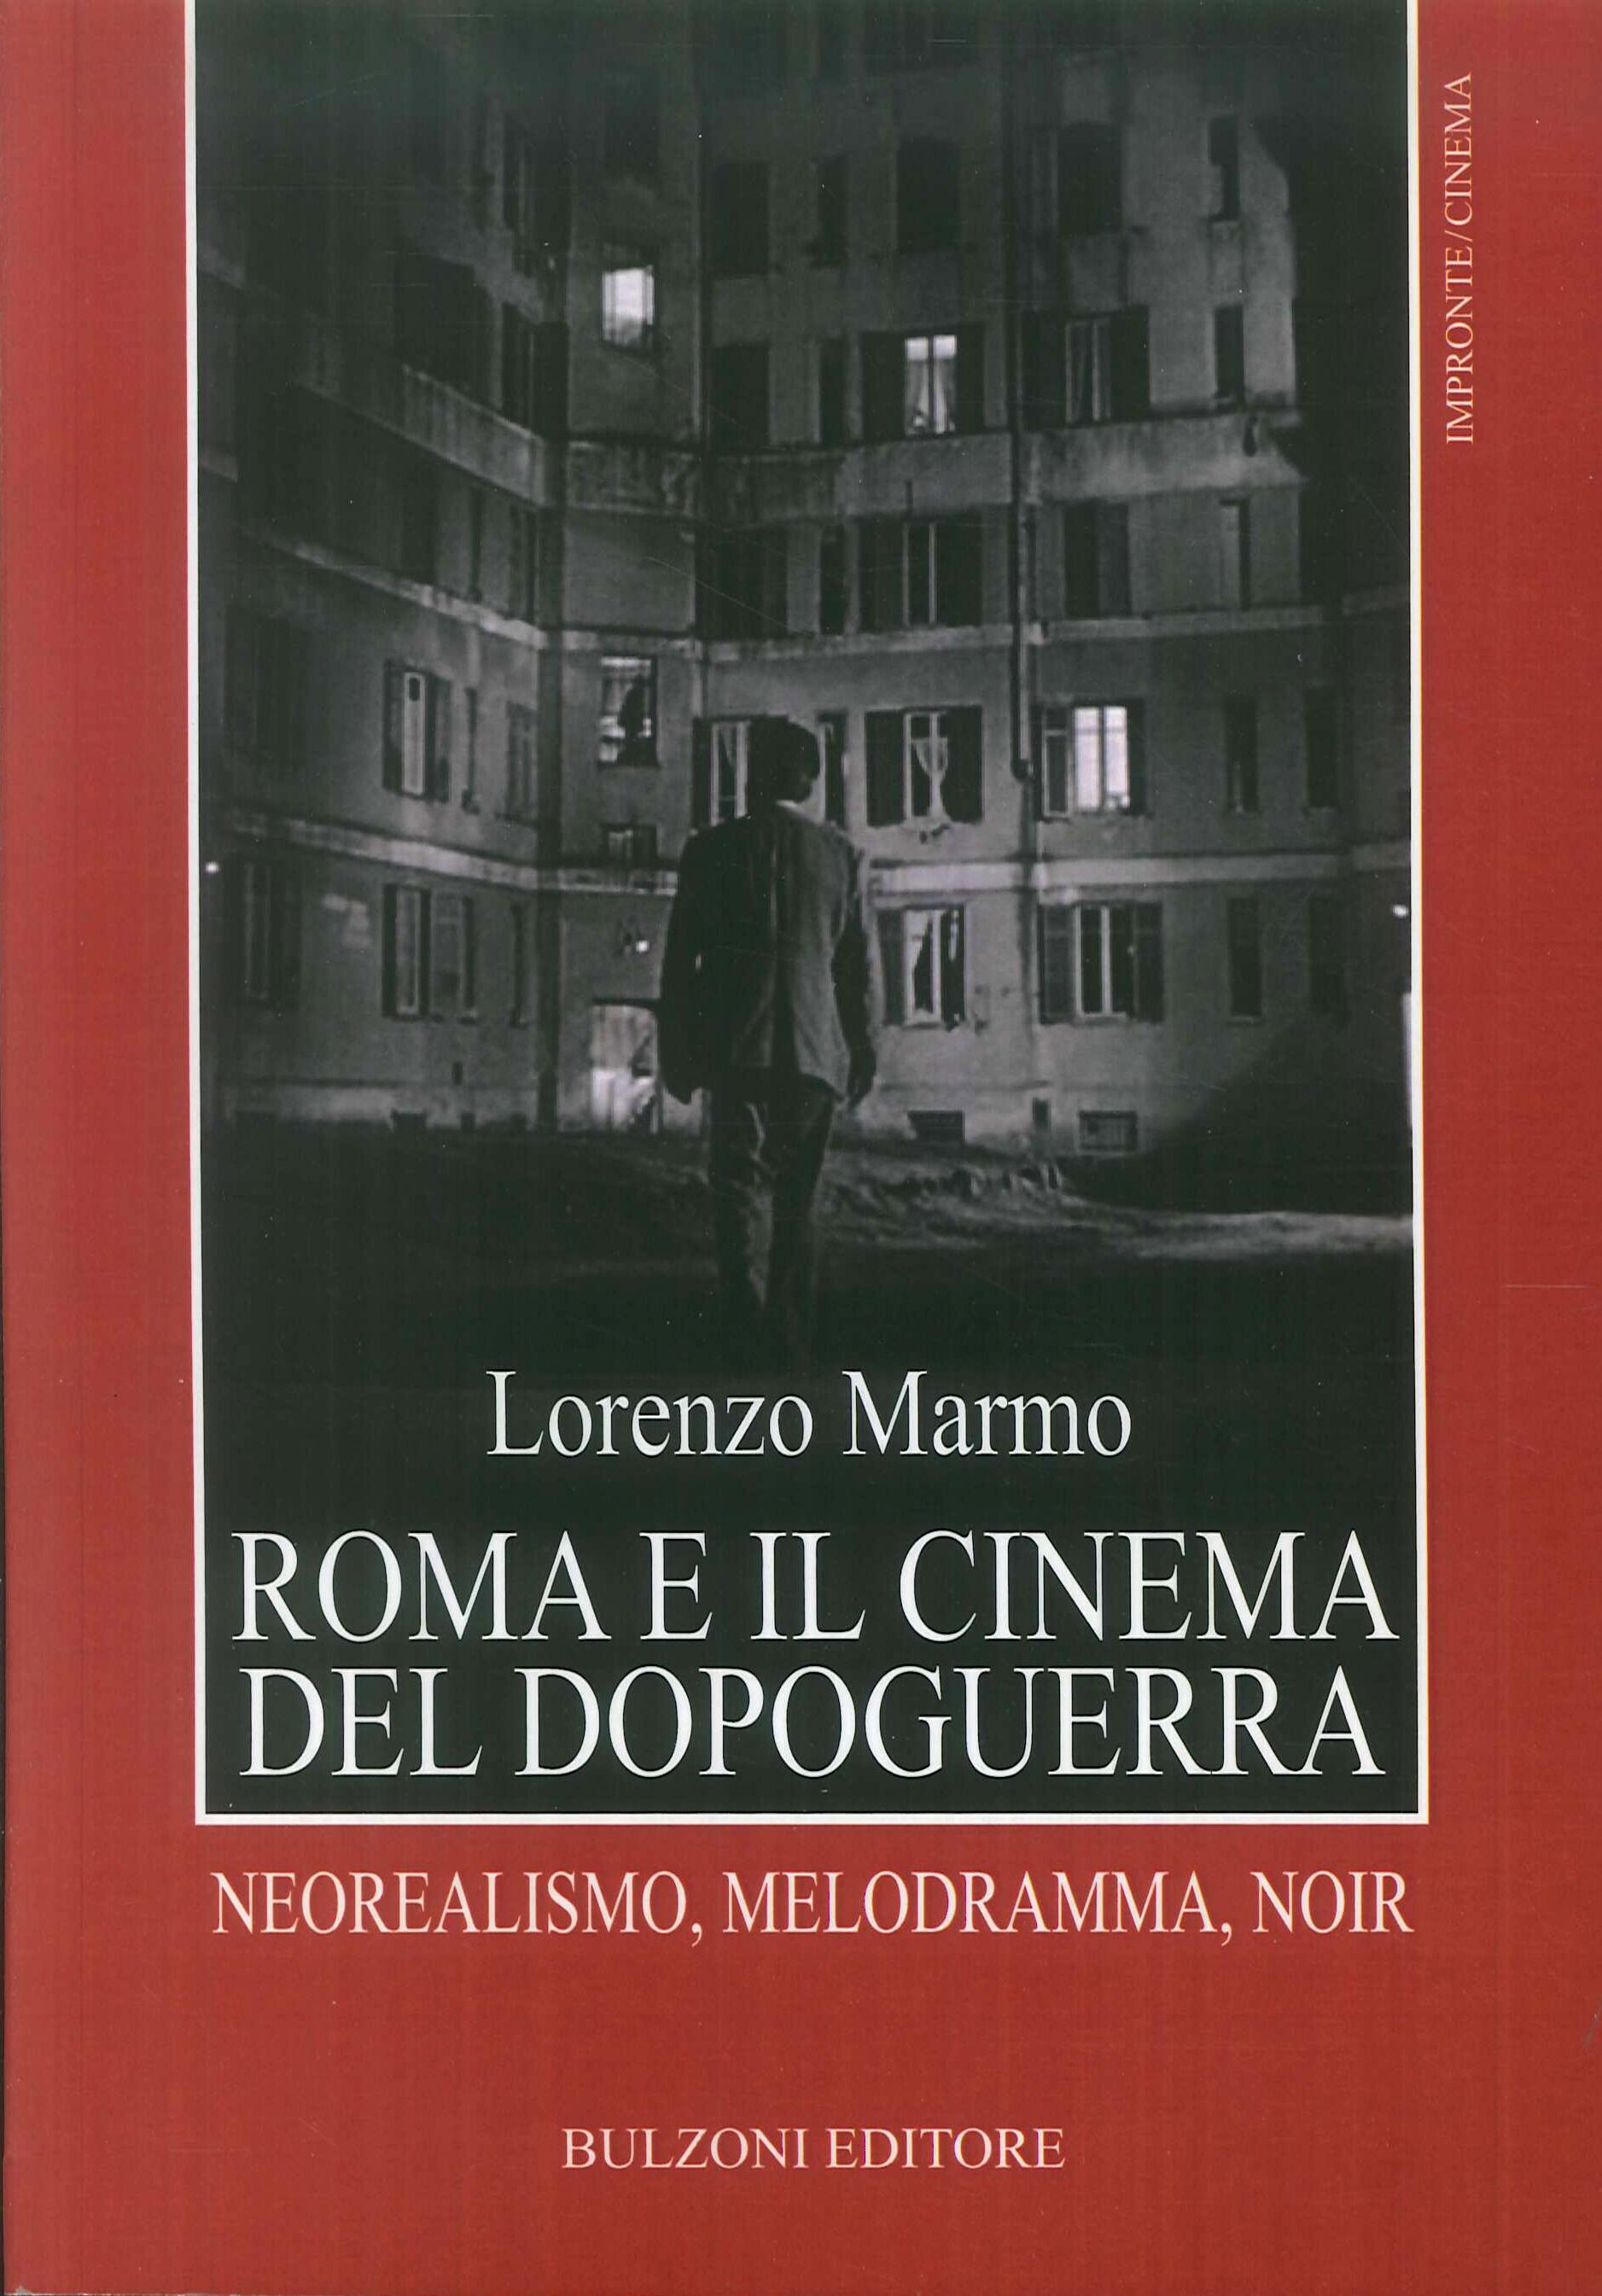 Roma e il cinema del dopoguerra. Neorealismo, melodramma, noir